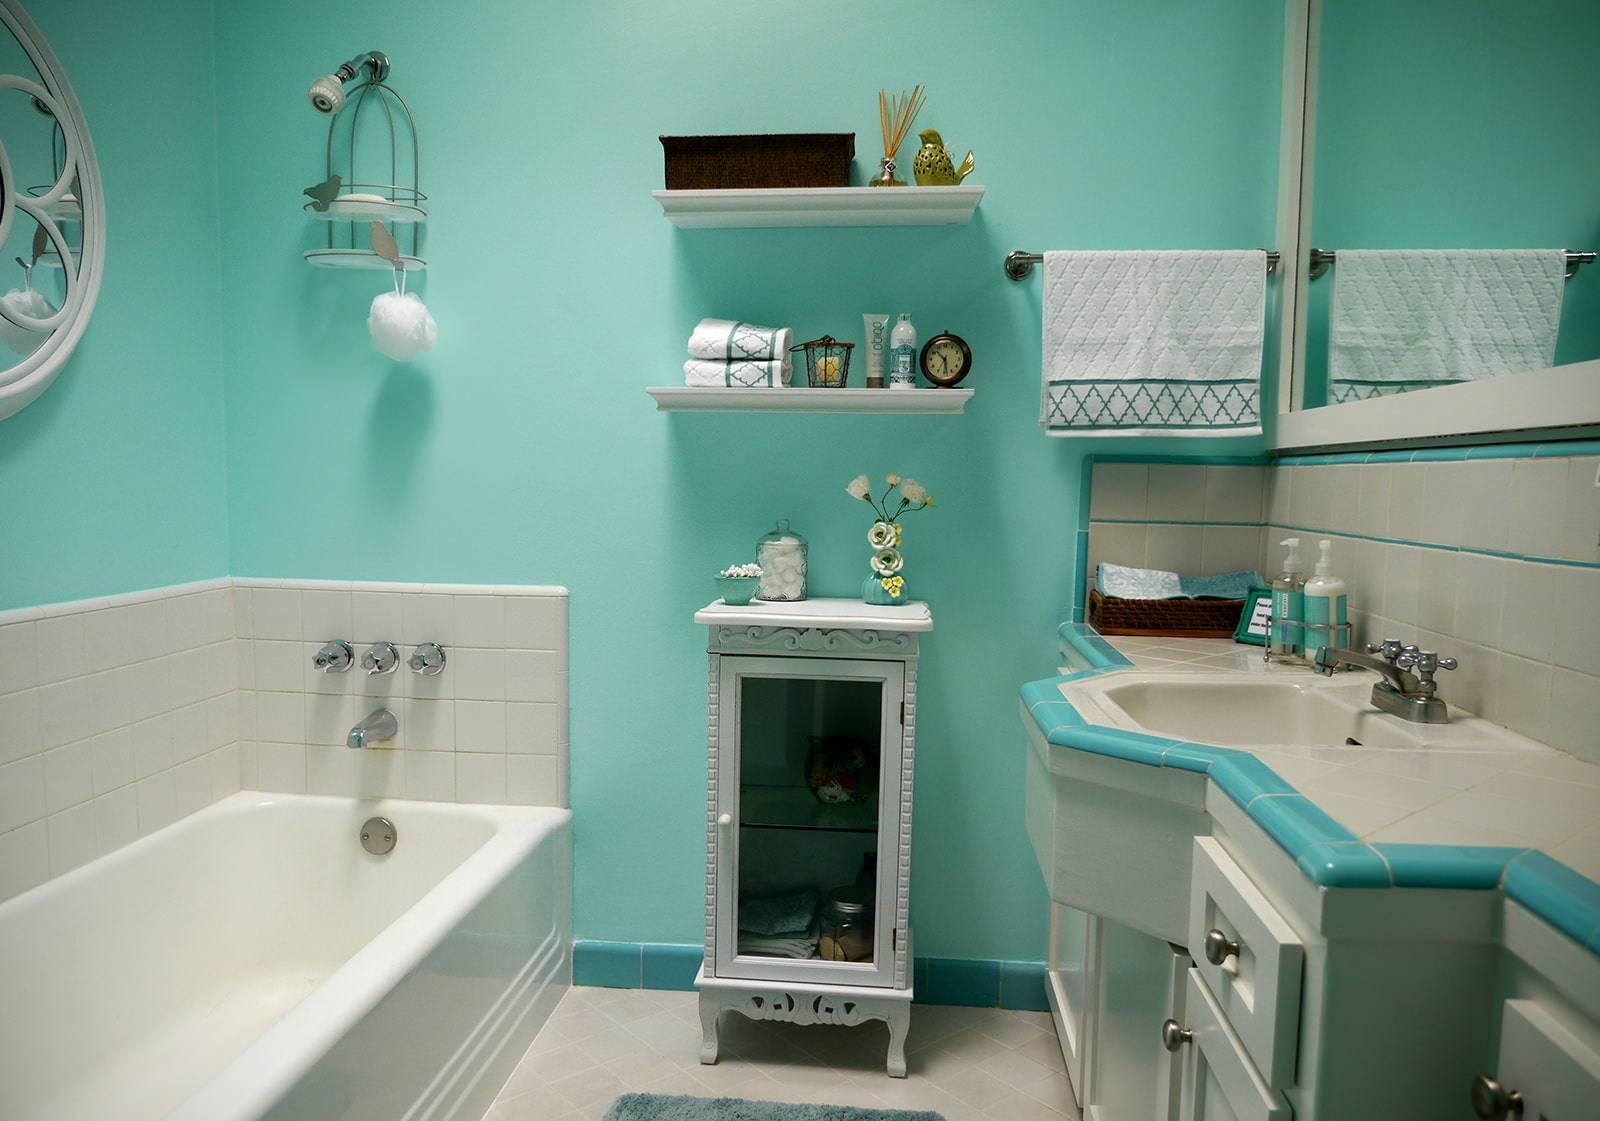 Краска для плитки в ванной, как и чем покрасить кафельную плитку (фото, видео)